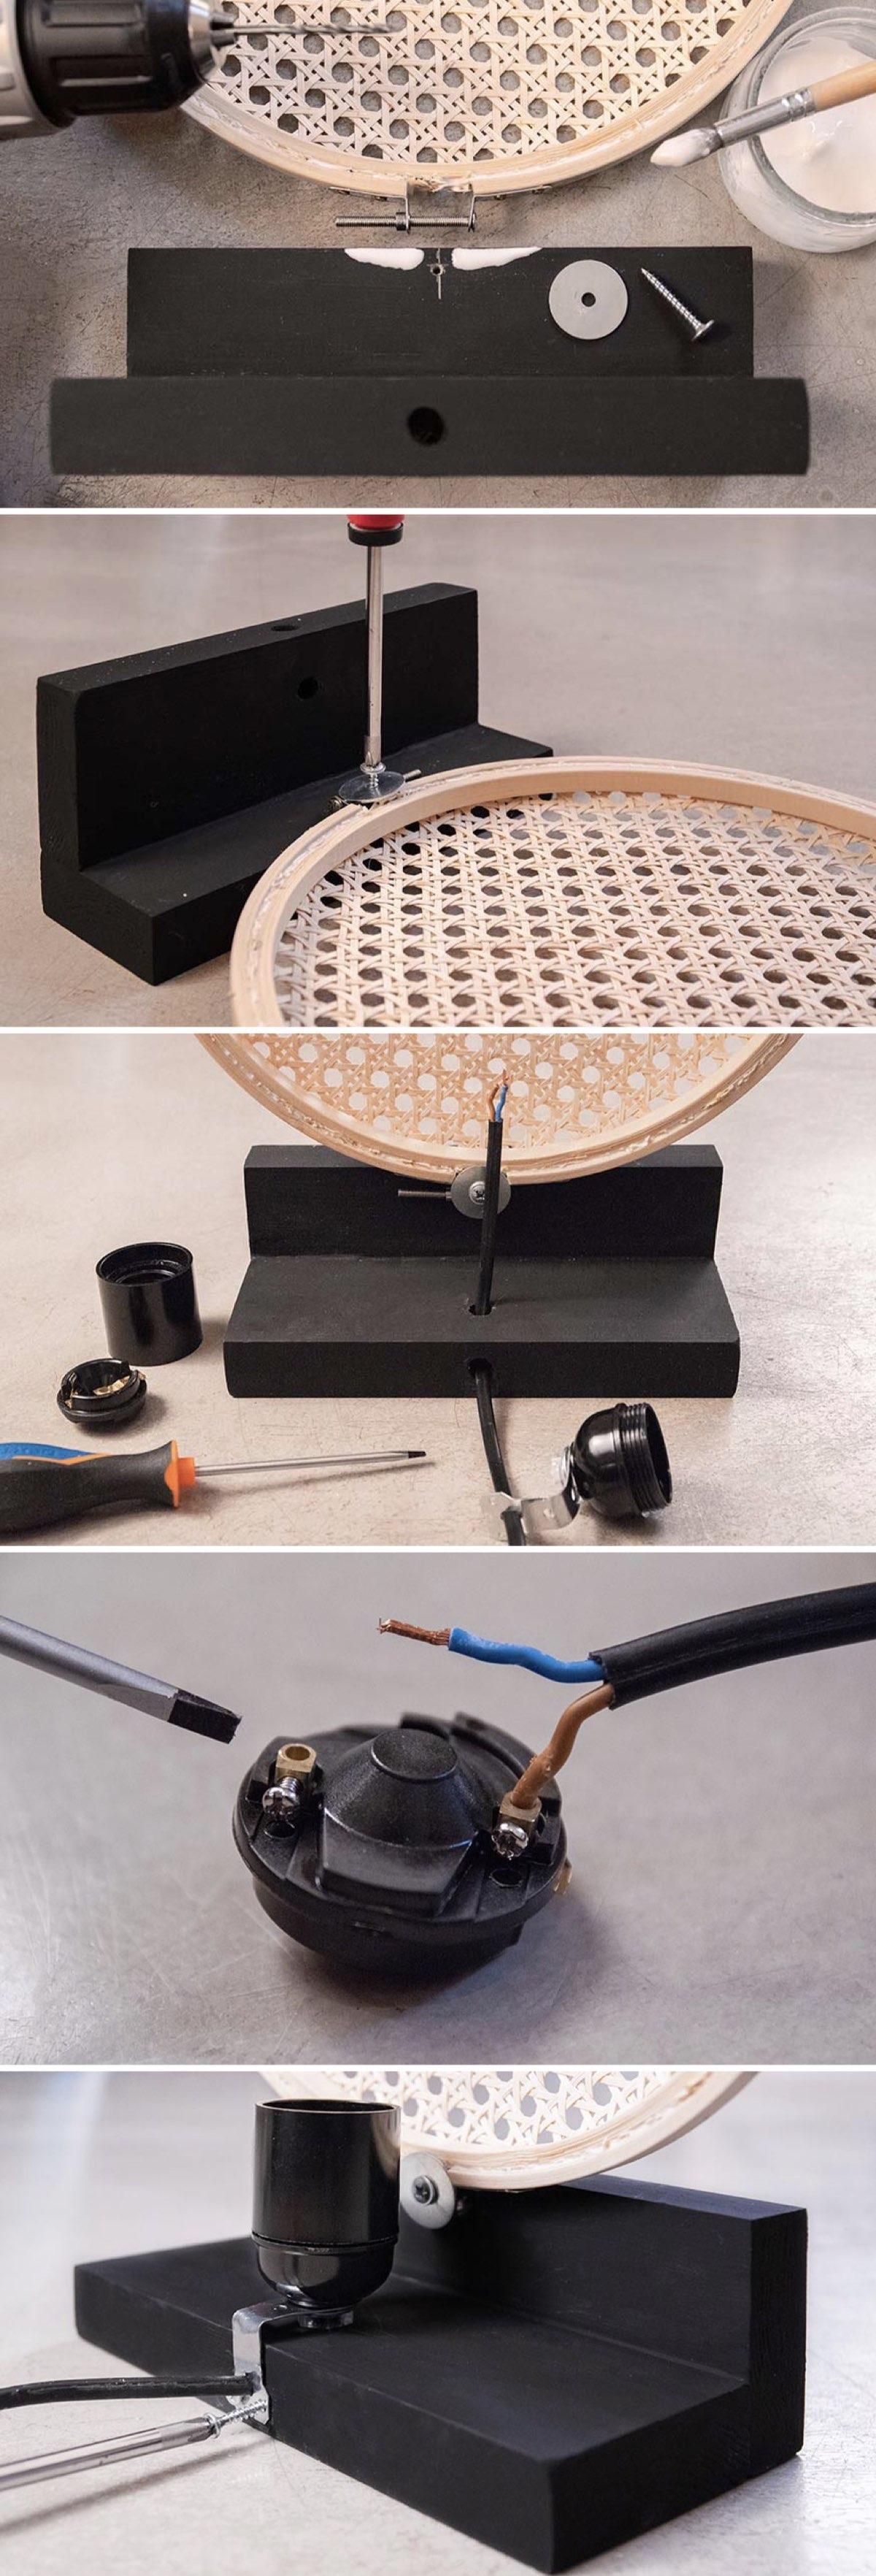 cannage diy lampe design socle noir création décoration - blog déco - clem around the corner